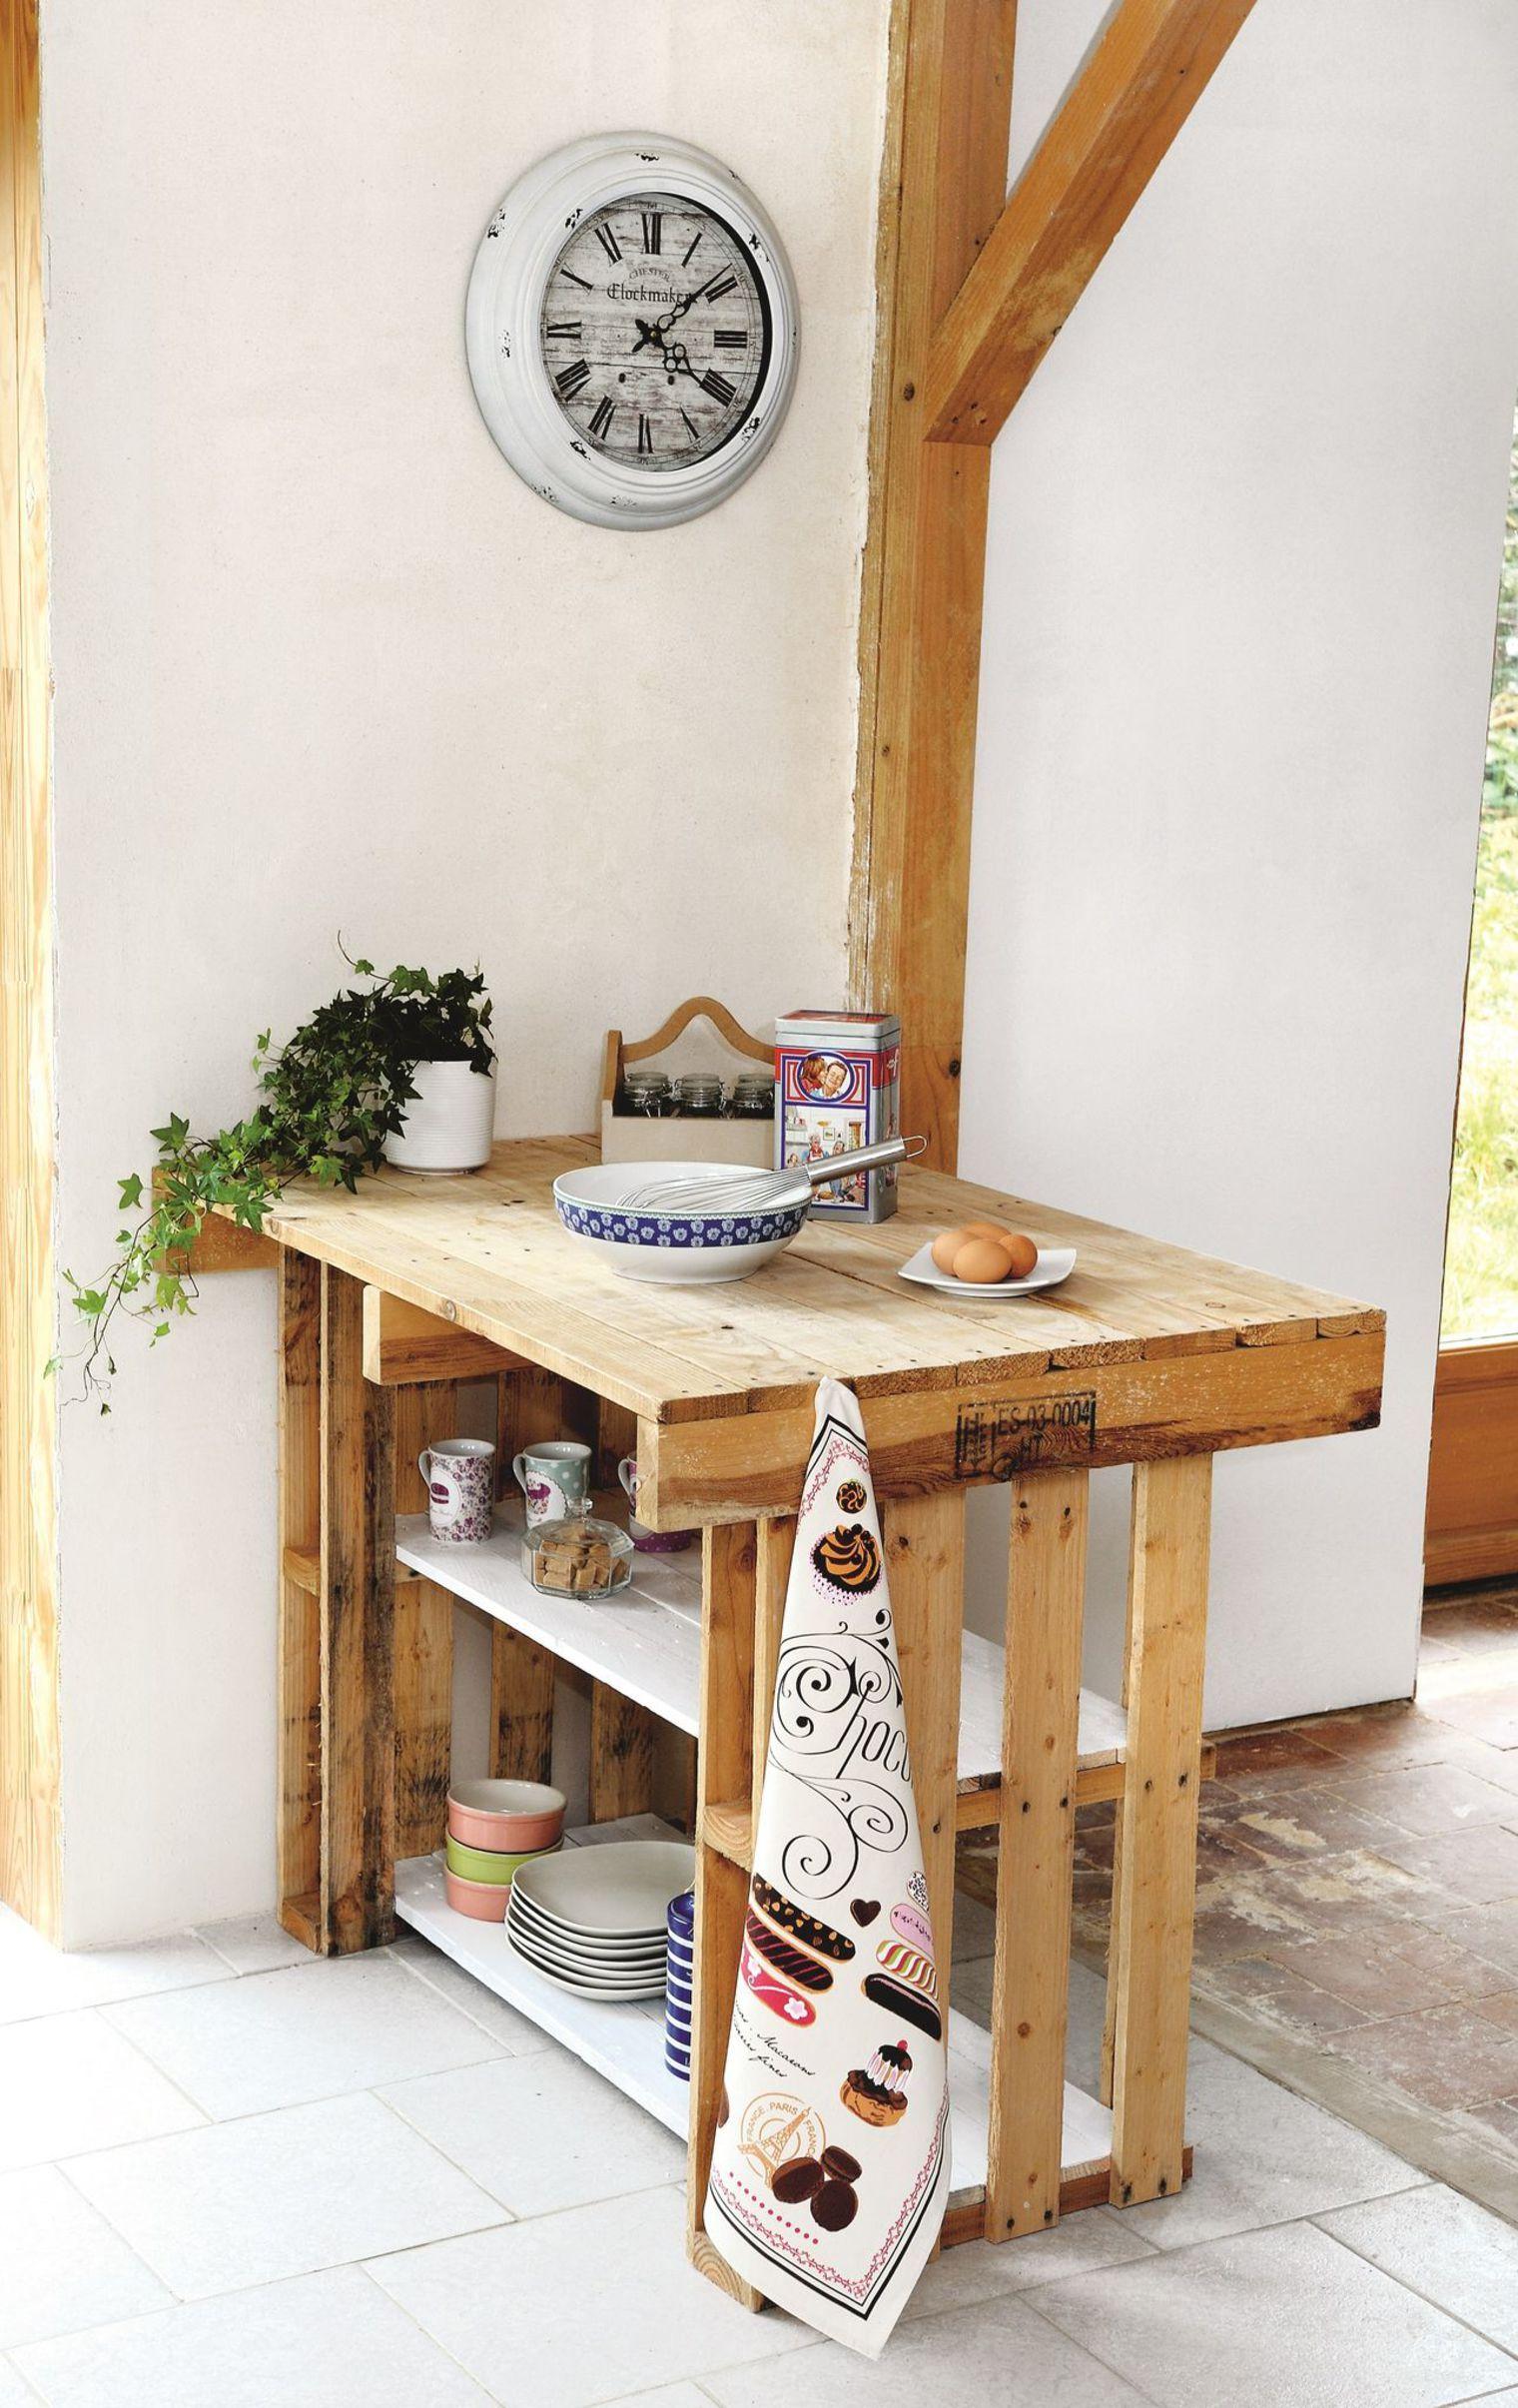 Isola cucina fai da te: riciclo creativo bancali Un mobile versatile ...